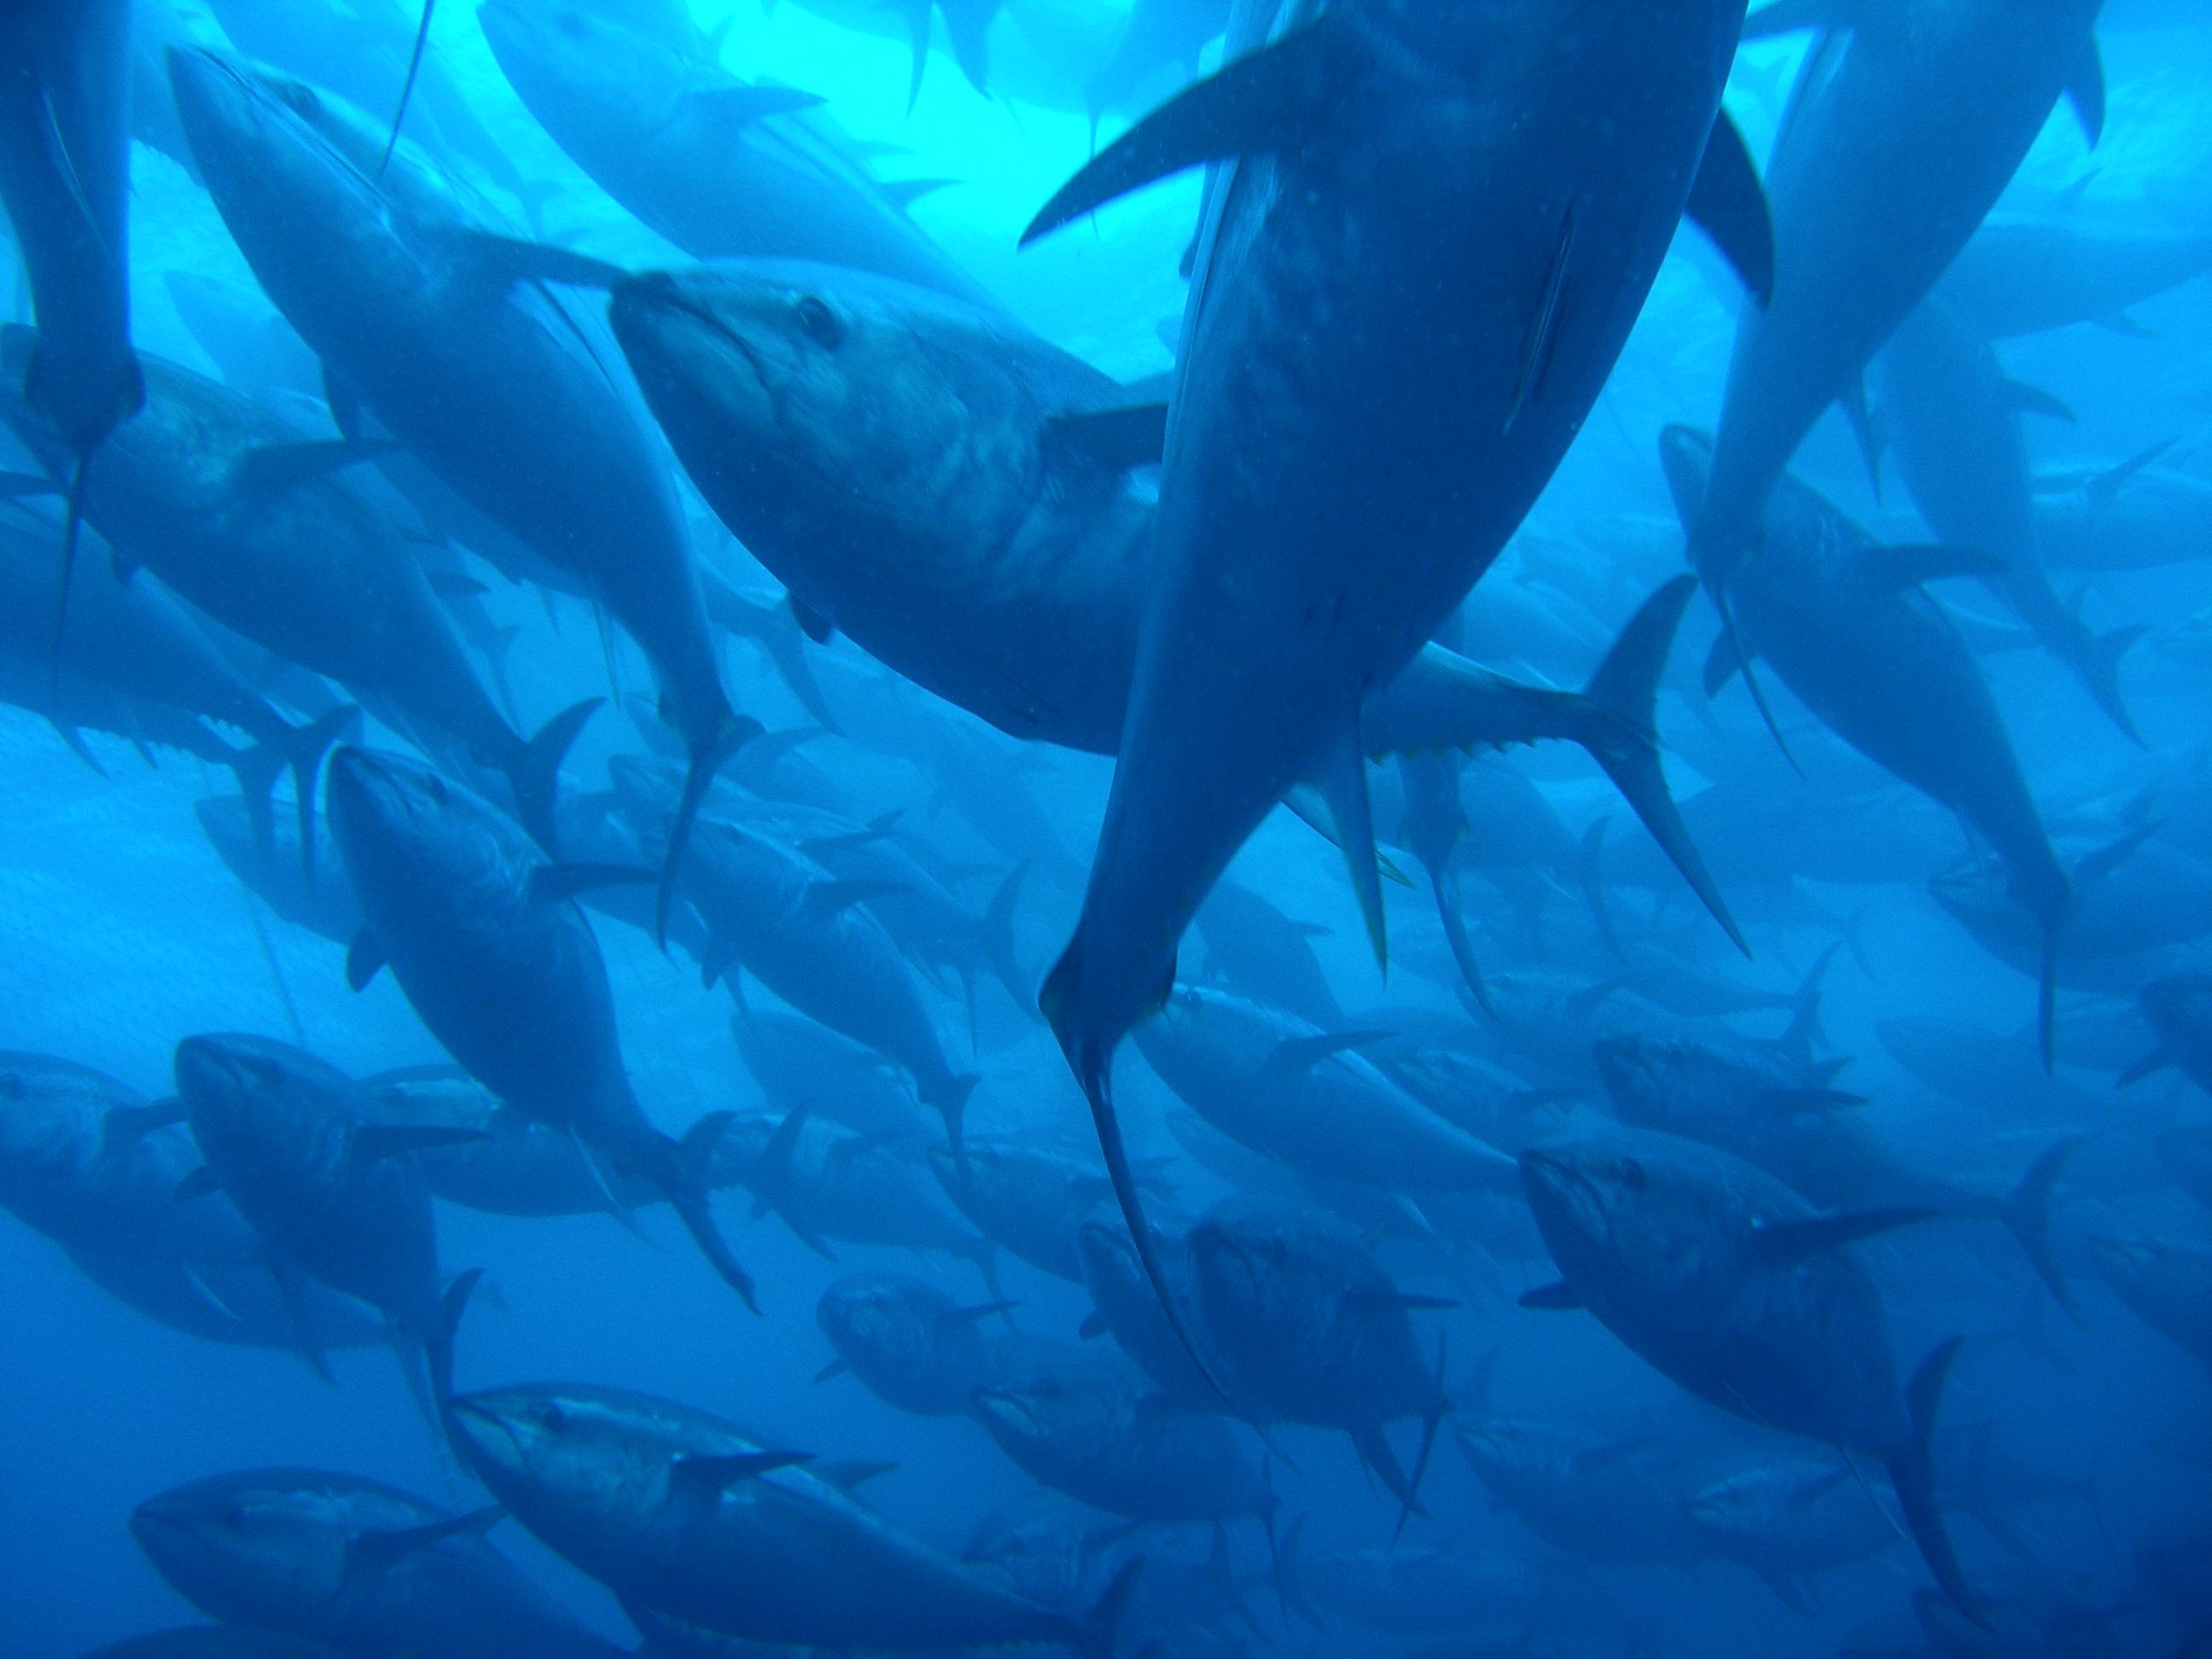 A school of bluefin tuna